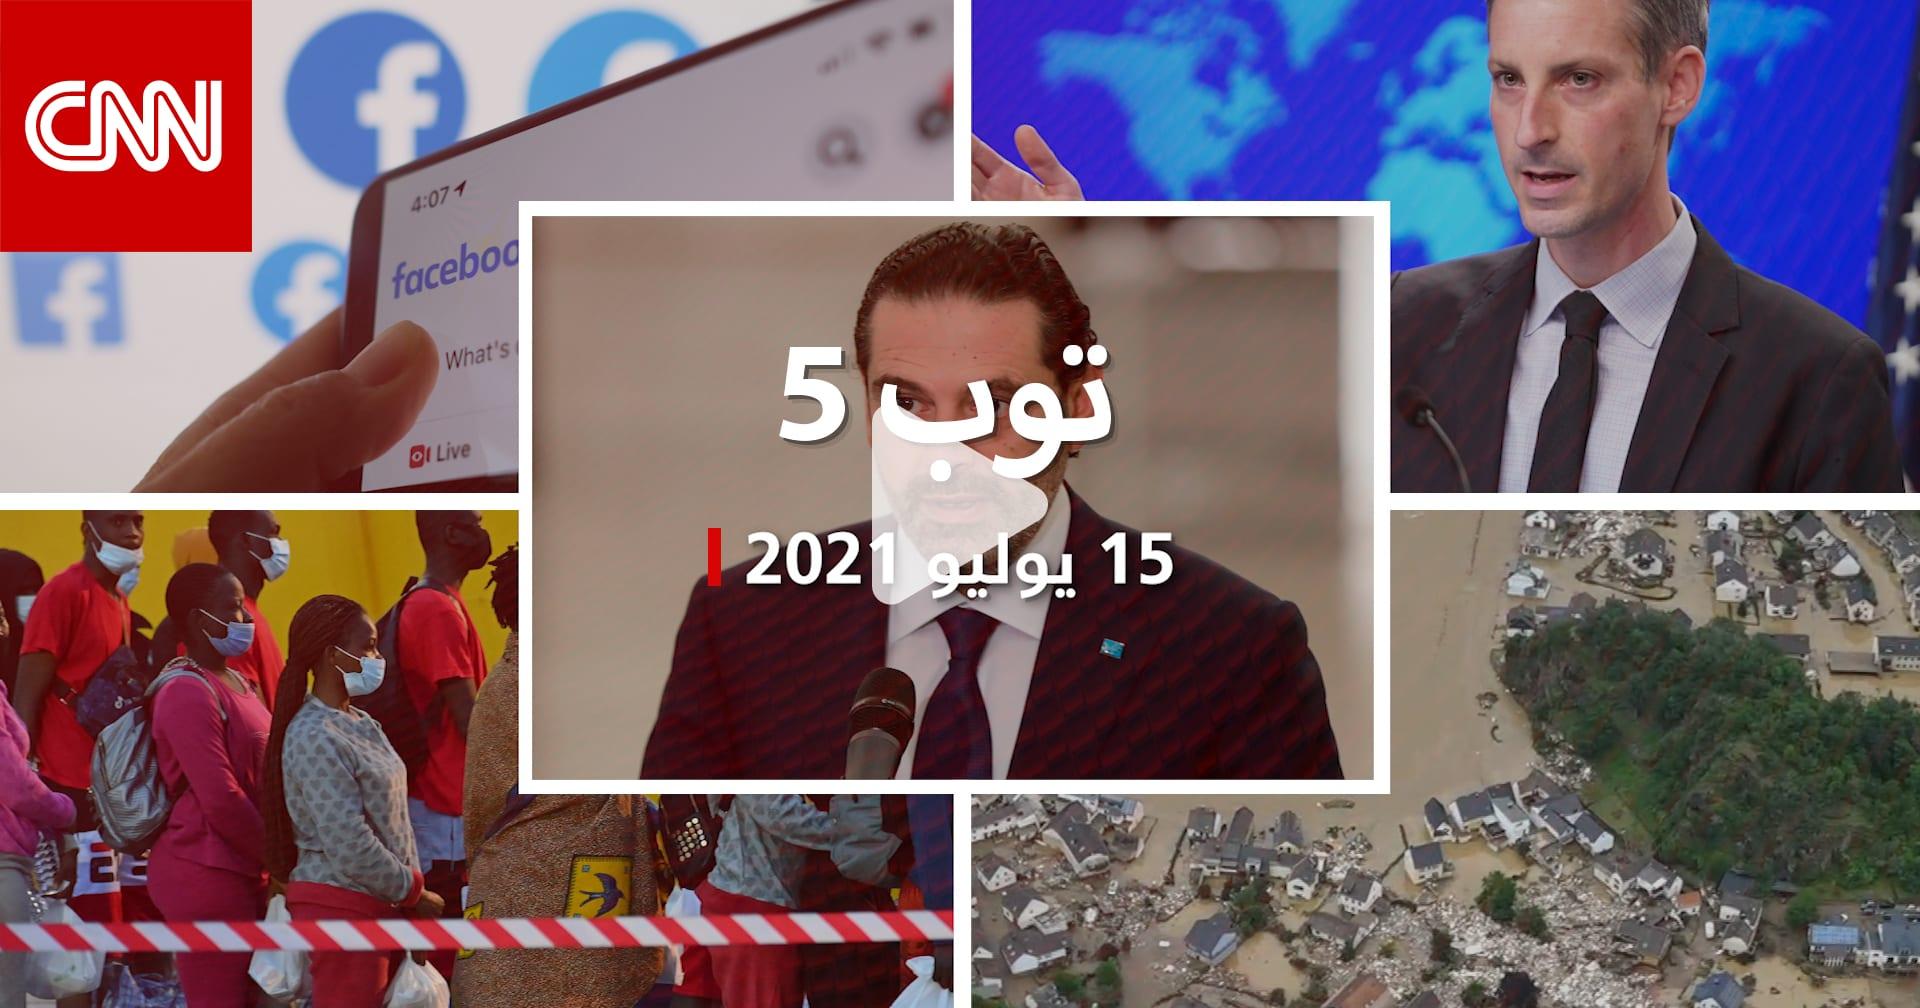 توب 5: فوضى وانهيار الليرة بعد اعتذار الحريري.. وعنف جنسي ضد مهاجرات في ليبيا